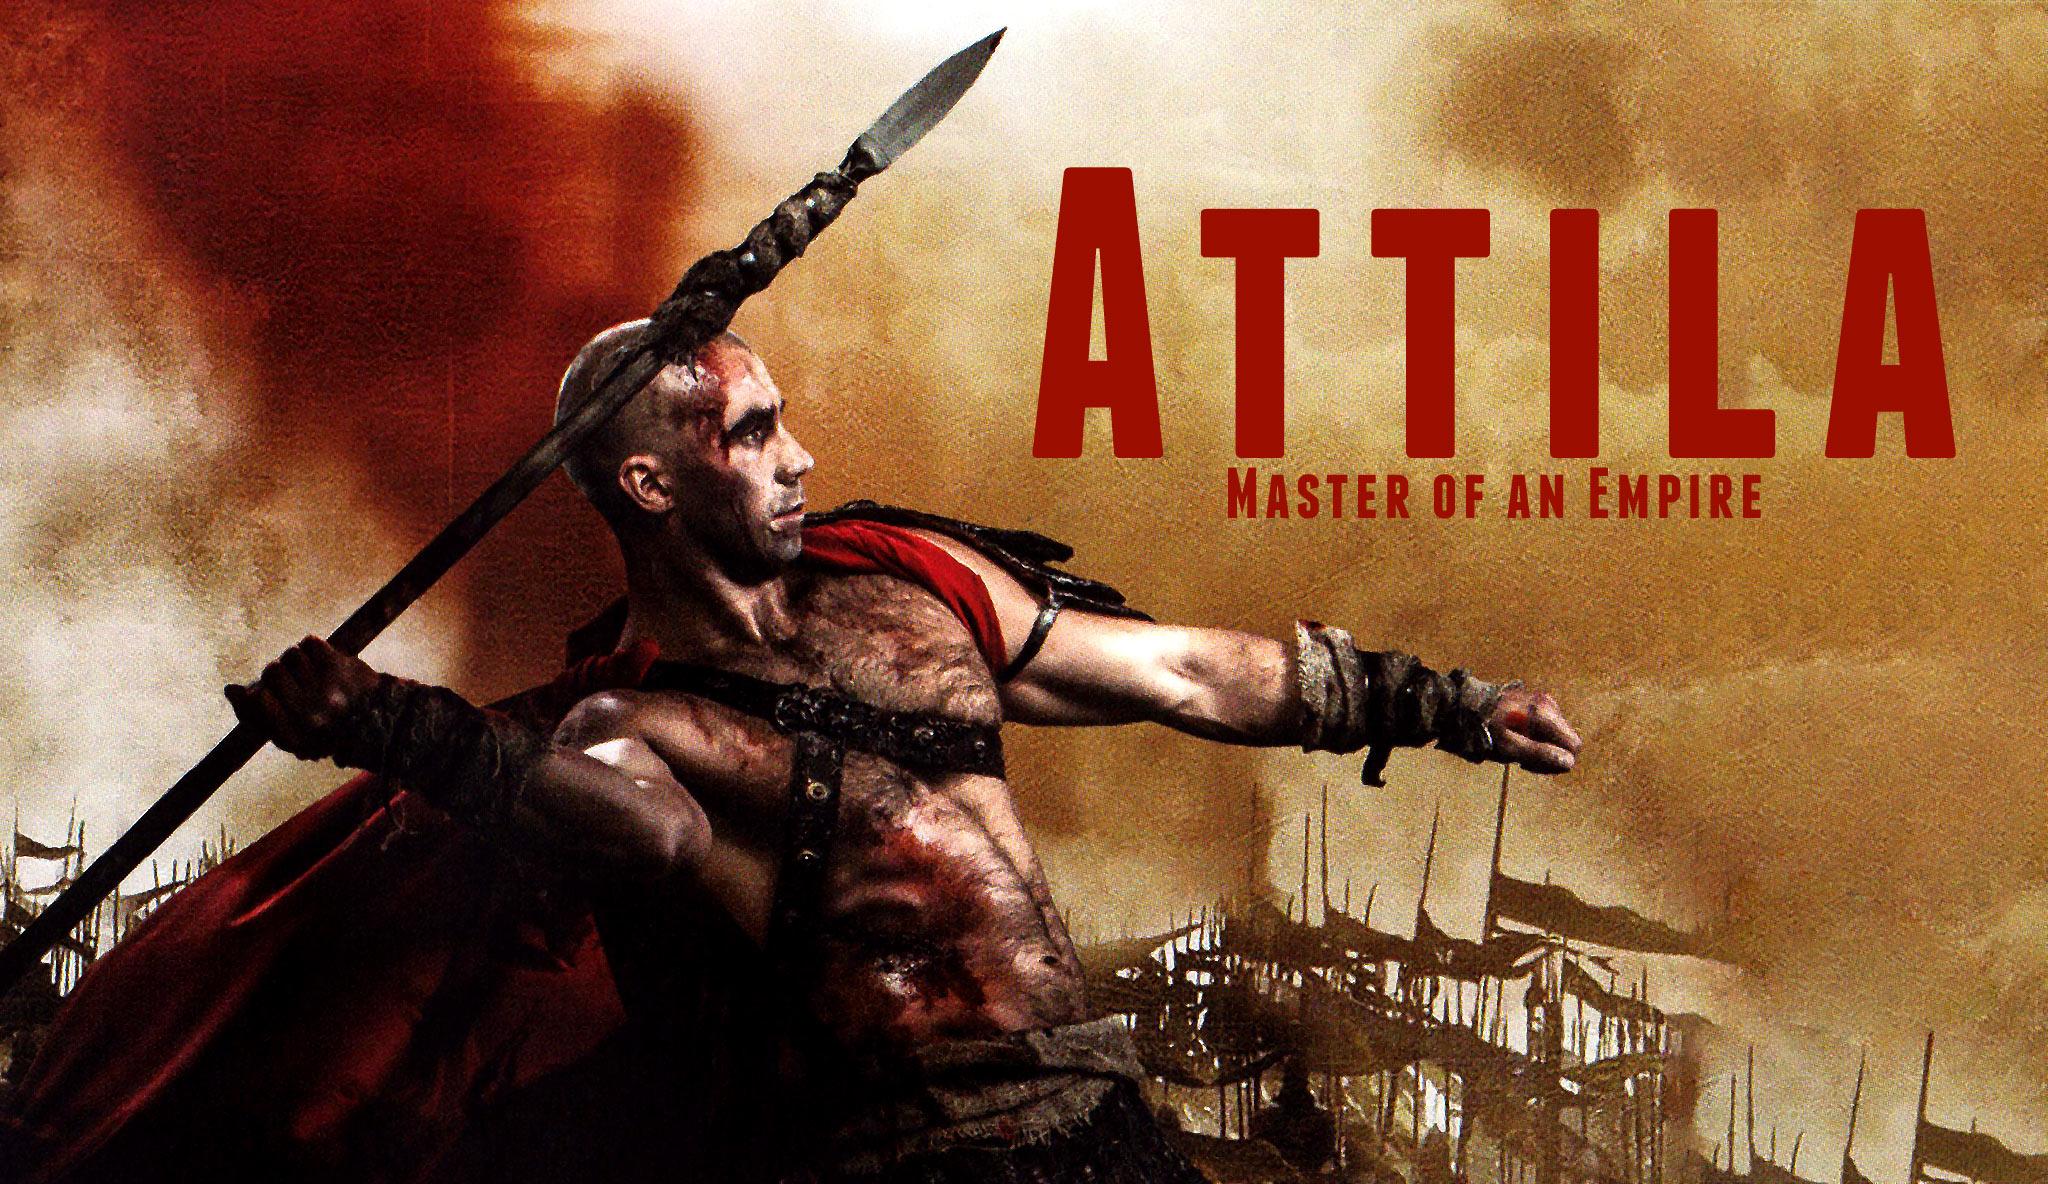 attila-master-of-an-empire\header.jpg